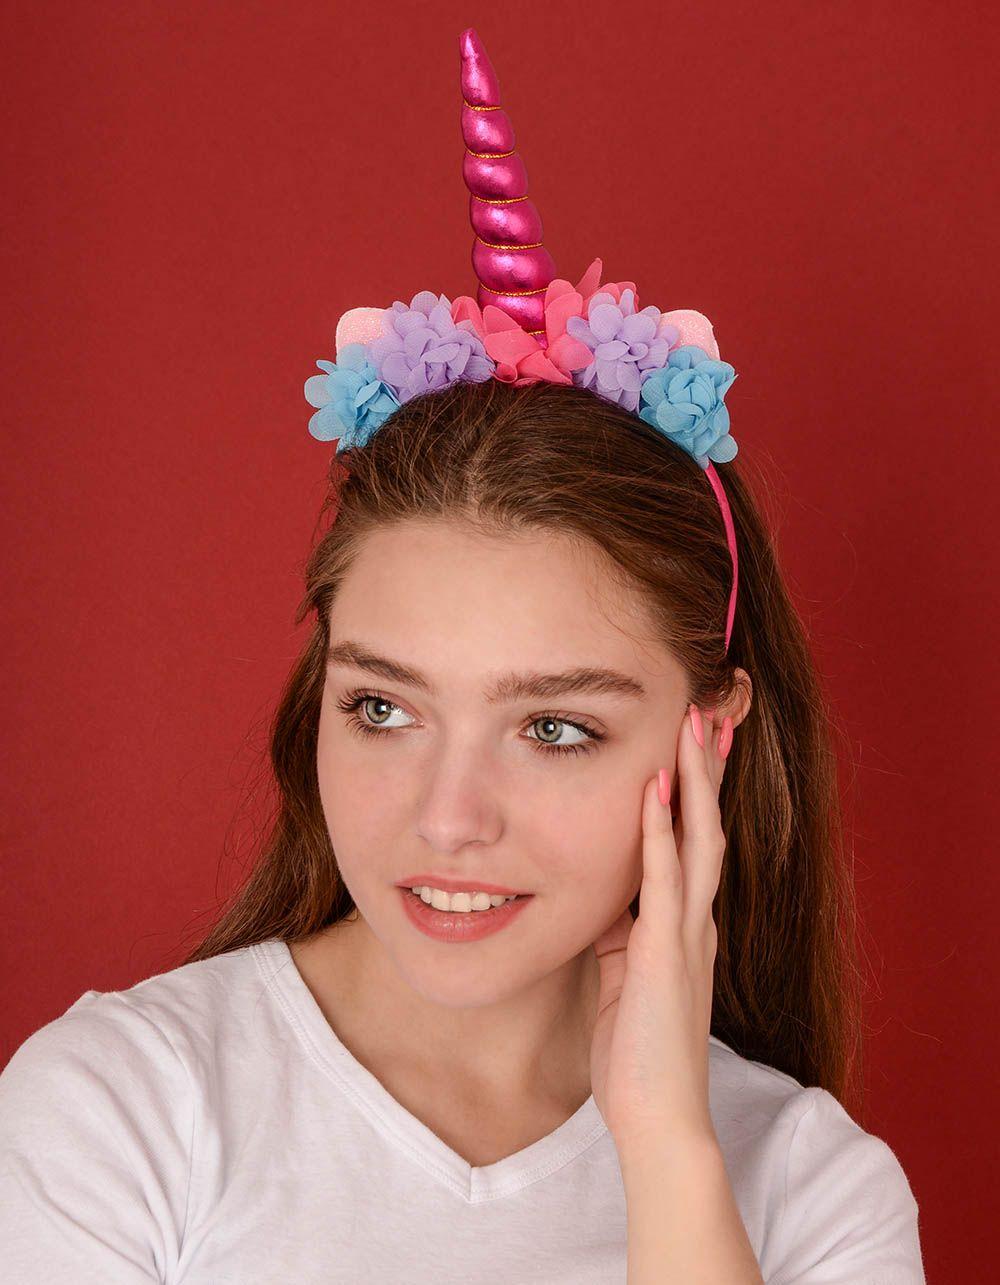 Обідок для волосся у вигляді єдинорога з квітами | 238771-18-XX